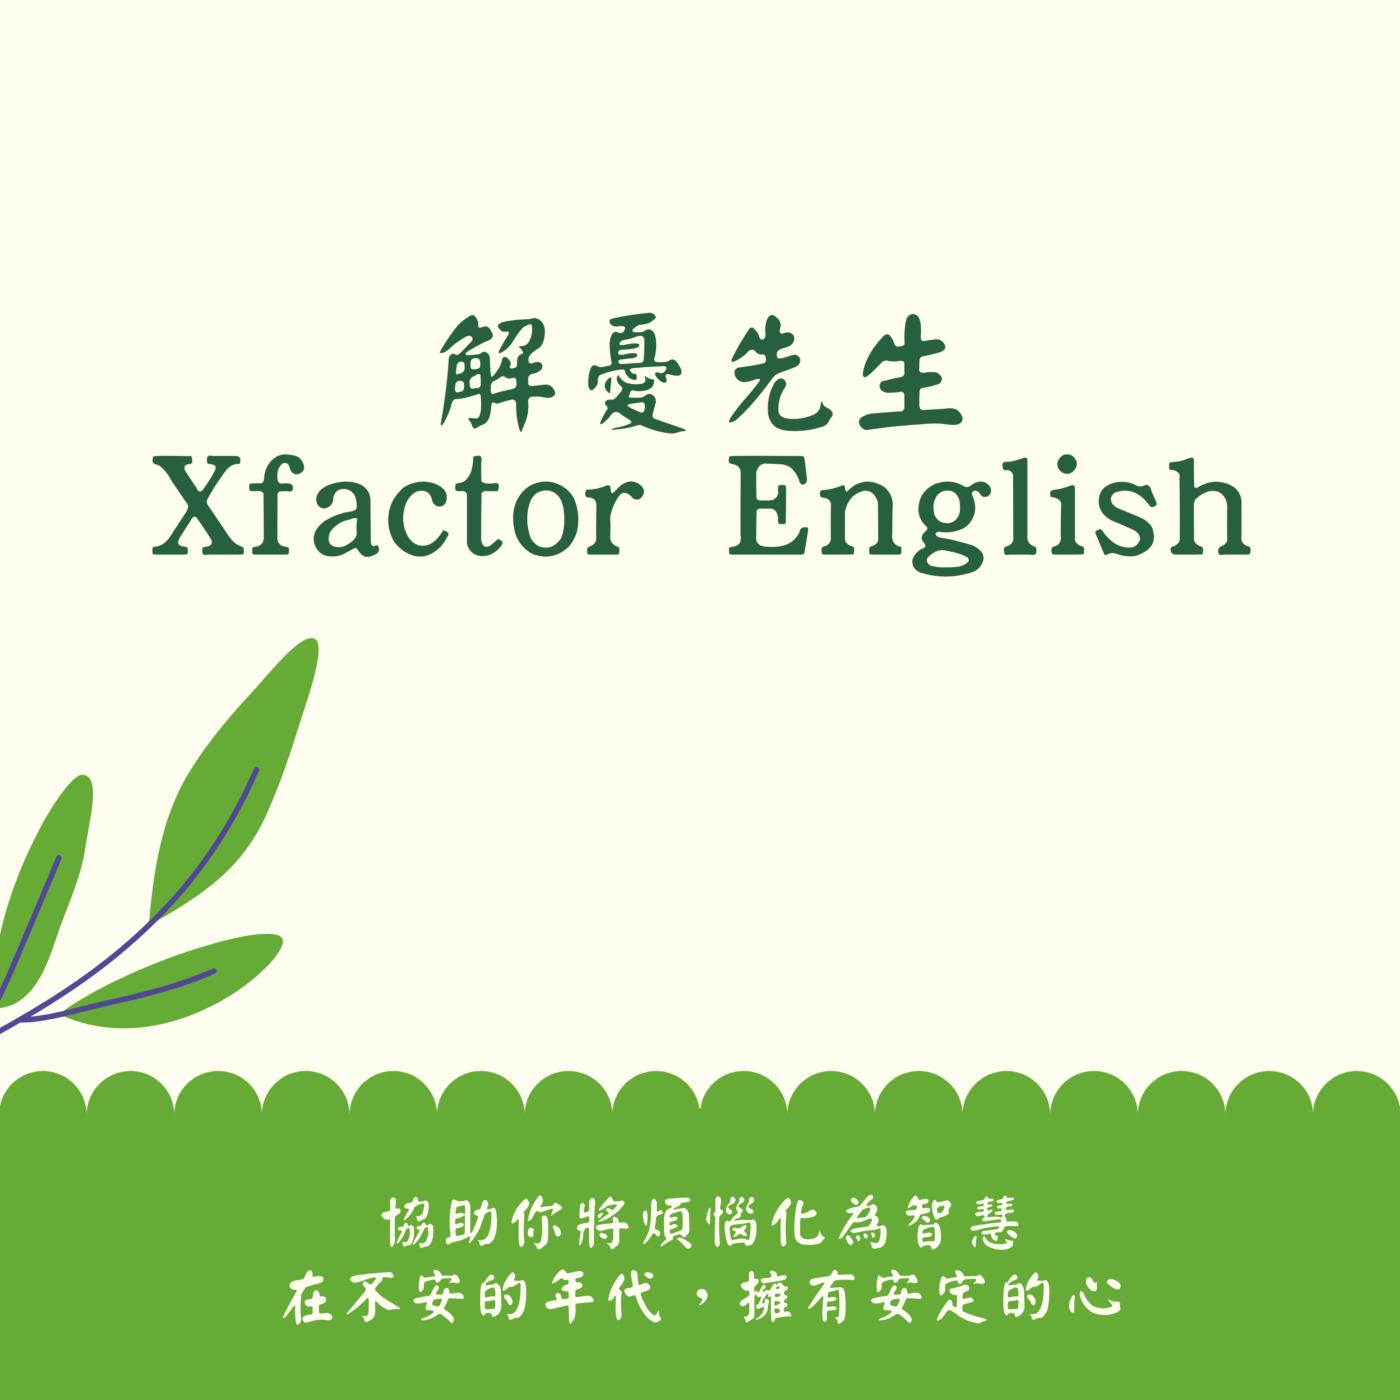 解憂先生 Xfactor English